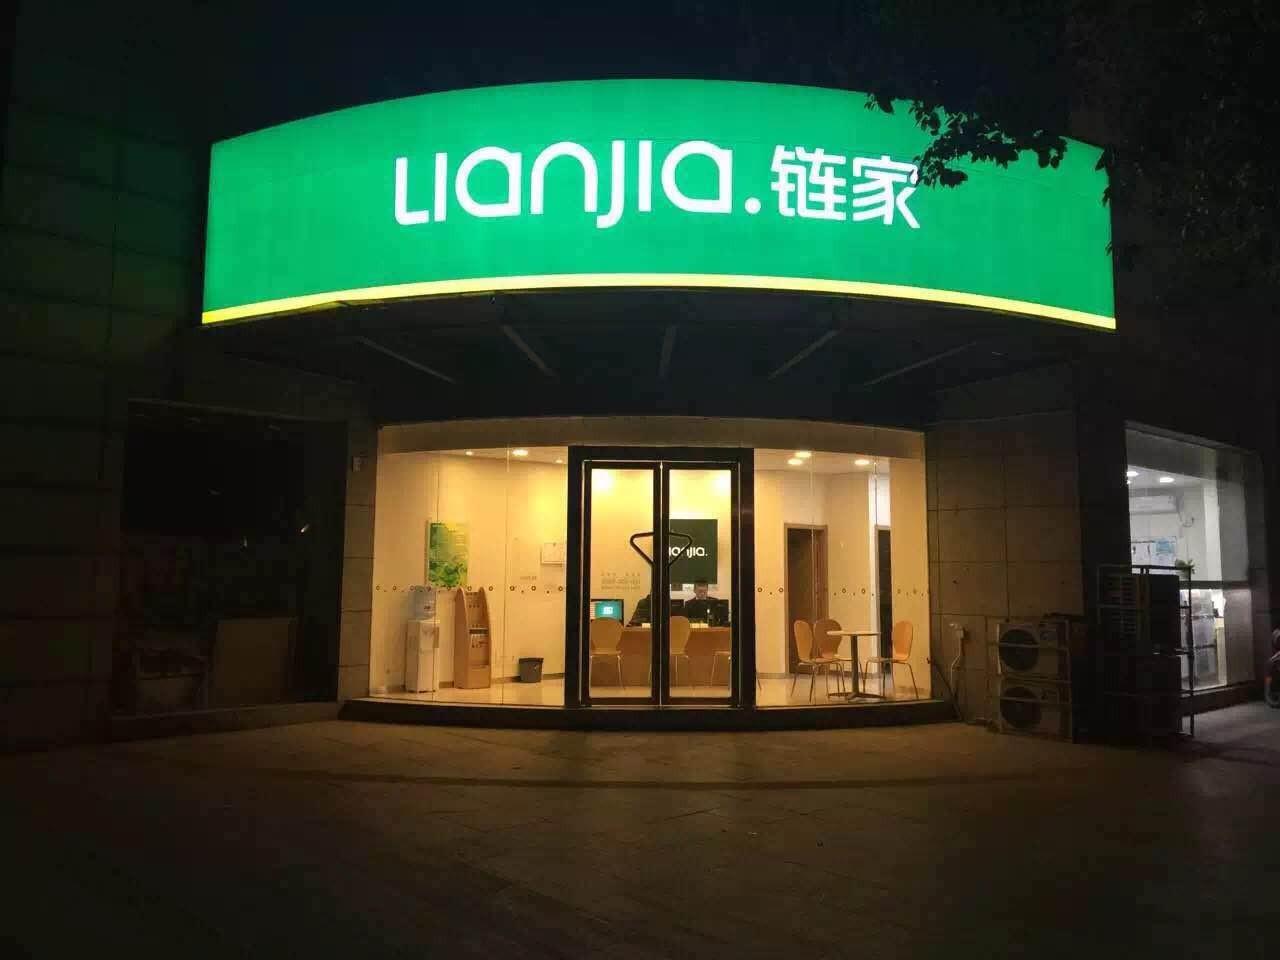 Lianjia.链家是中国最具影响力的品牌房地产经纪企业之一,成立于2001年,目前已覆盖全国 26个城市和地区,设有8000多家门店,拥10万余名经纪人,平均每6分钟帮助用户成功完成一次交易服务。 业务覆盖租赁、新房、二手房、资产管理、海外房产、互联网平台、金融、理财、后房产市场等领域,是国内最大的综合性房产服务平台。 2015年6月30日,链家地产正式更名为链家,同时启用全新logoLianjia .